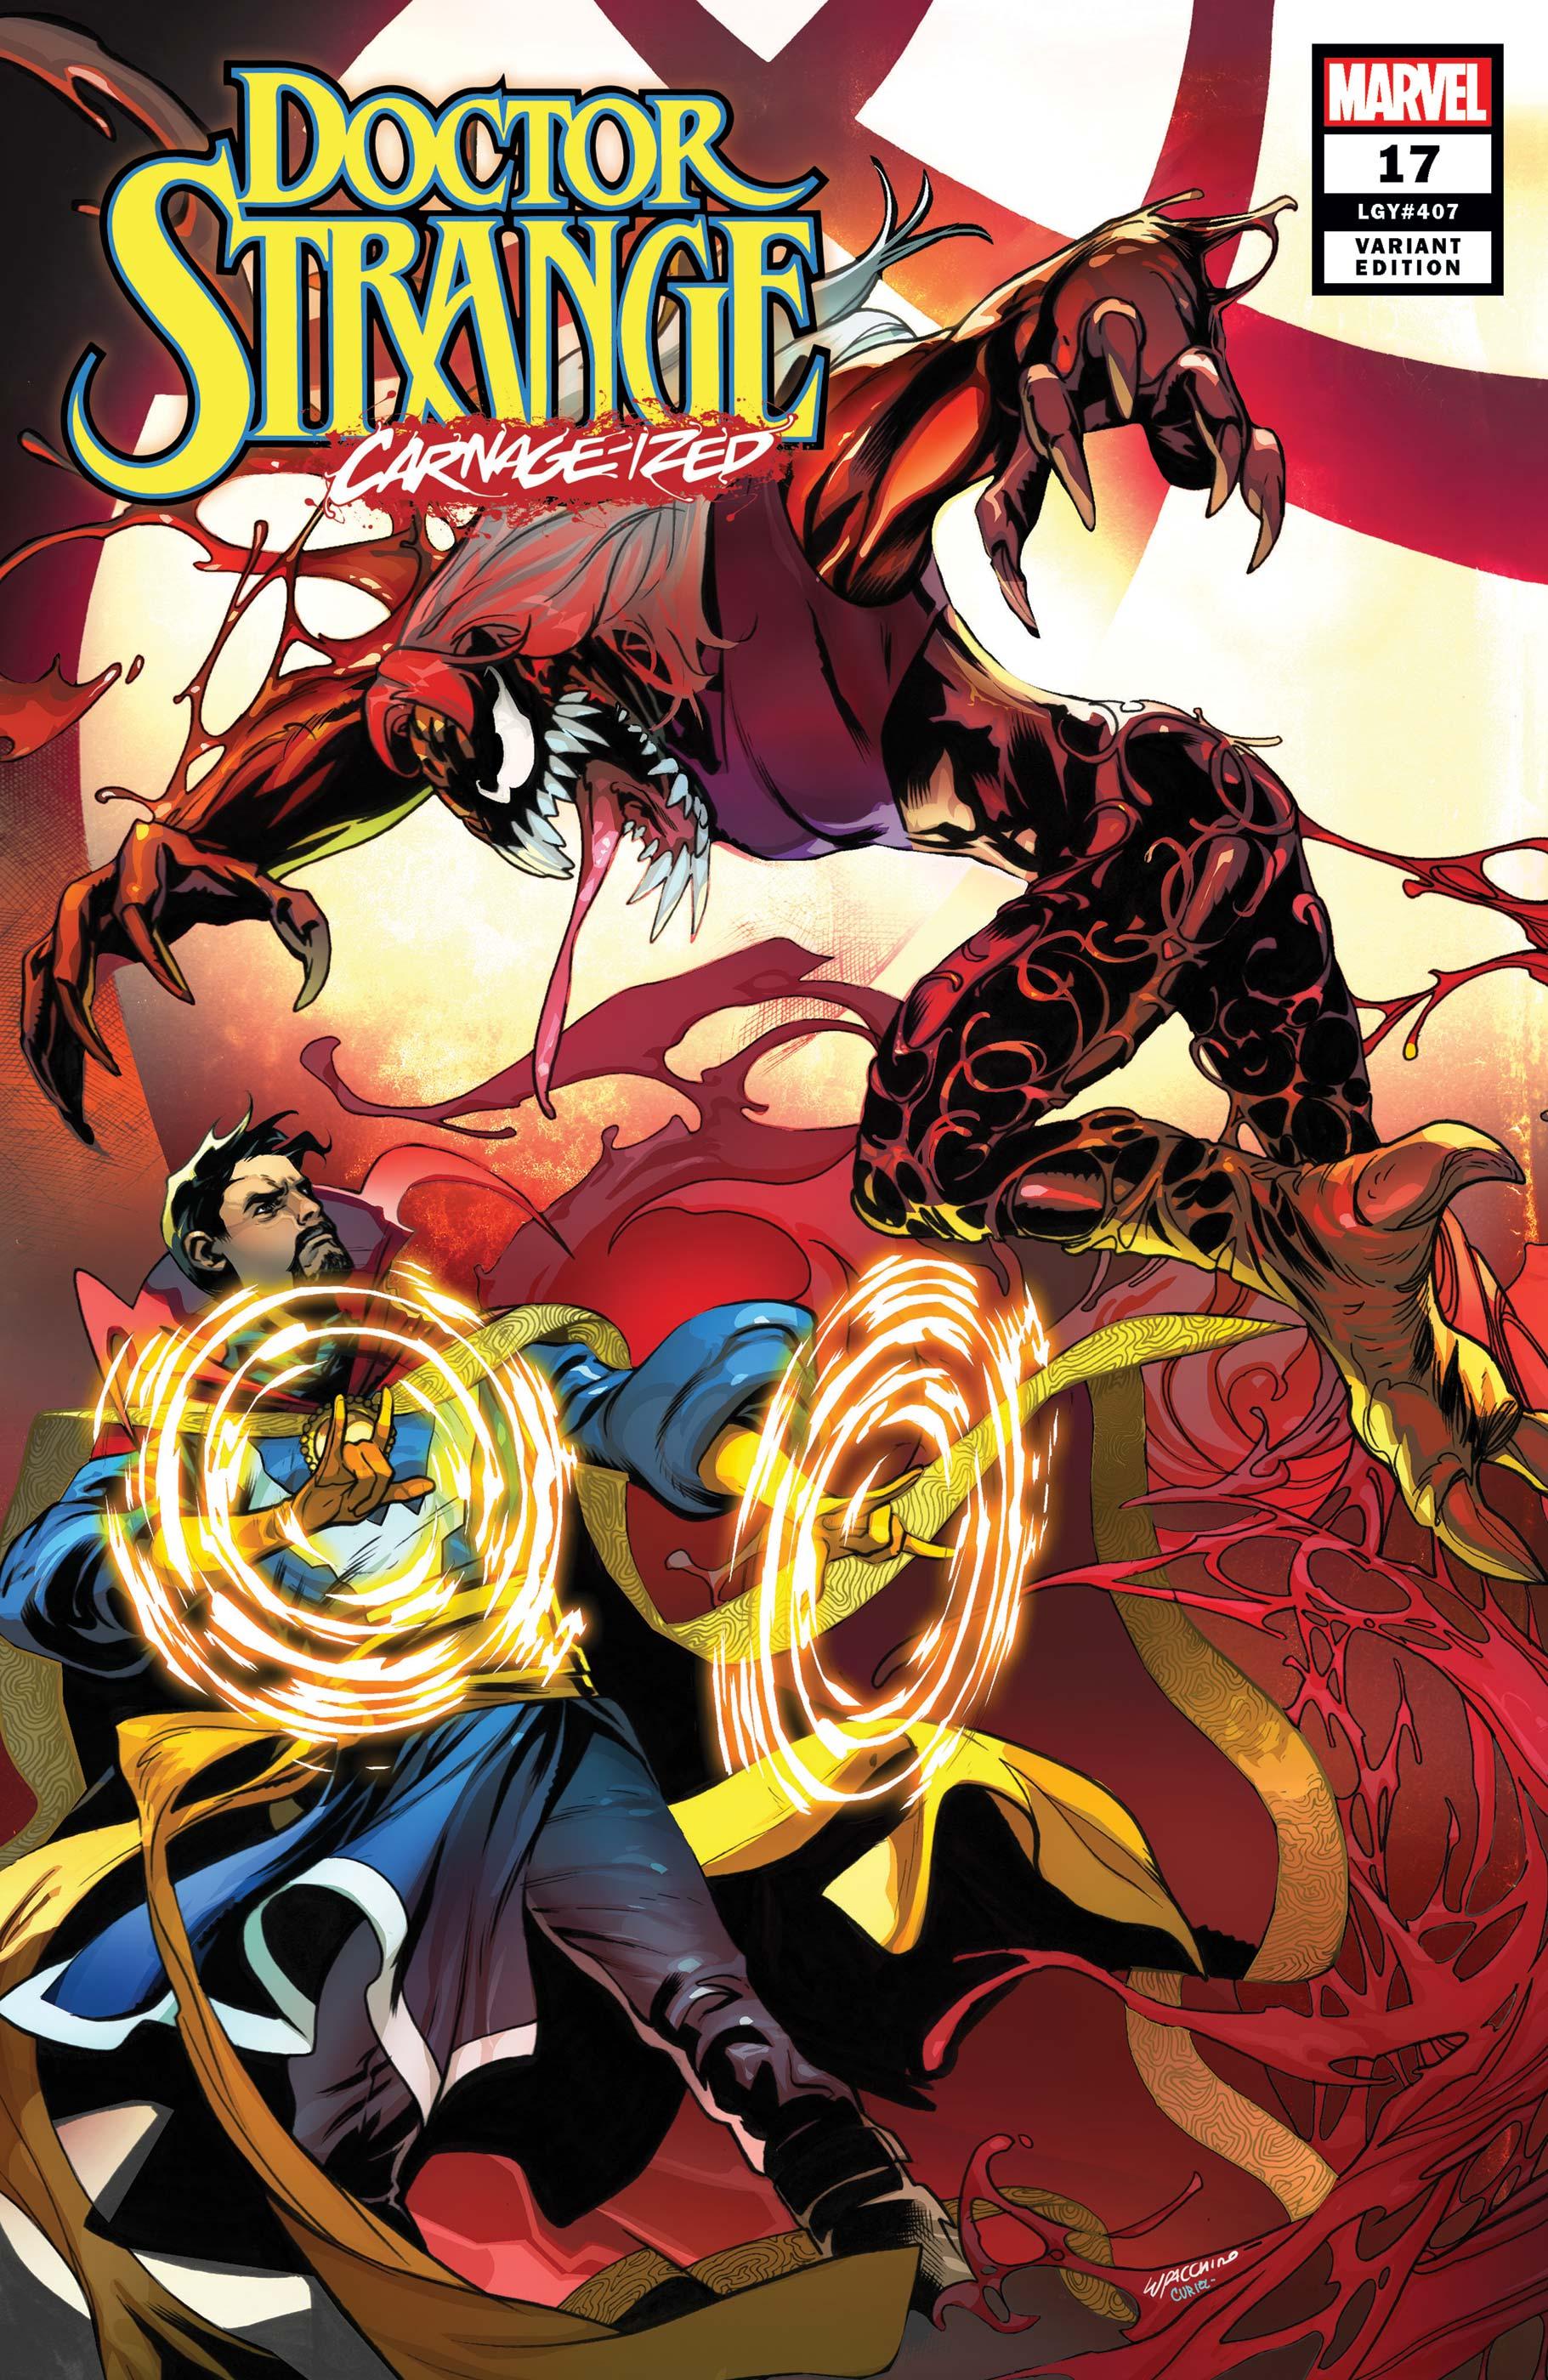 Doctor Strange (2018) #17 (Variant)